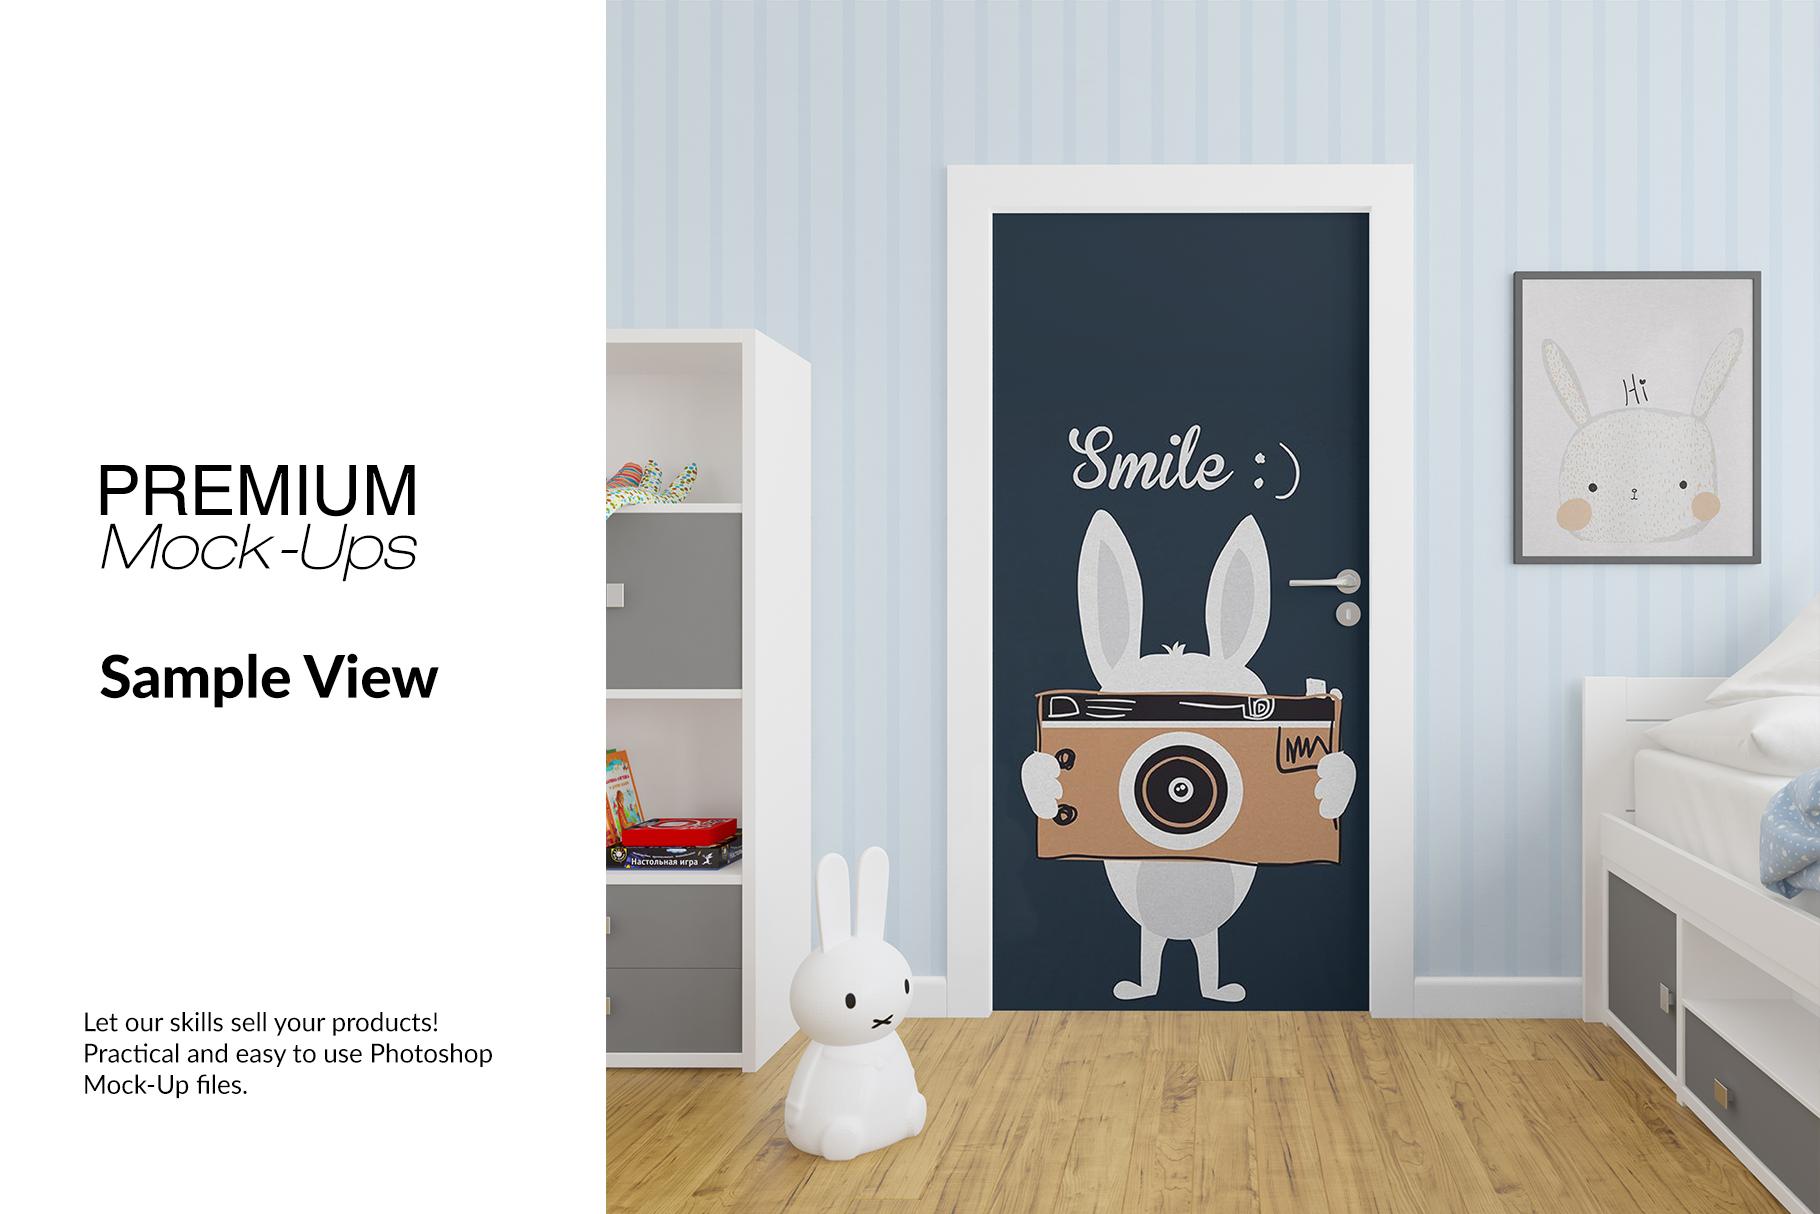 Door Murals in Nursery Set example image 9